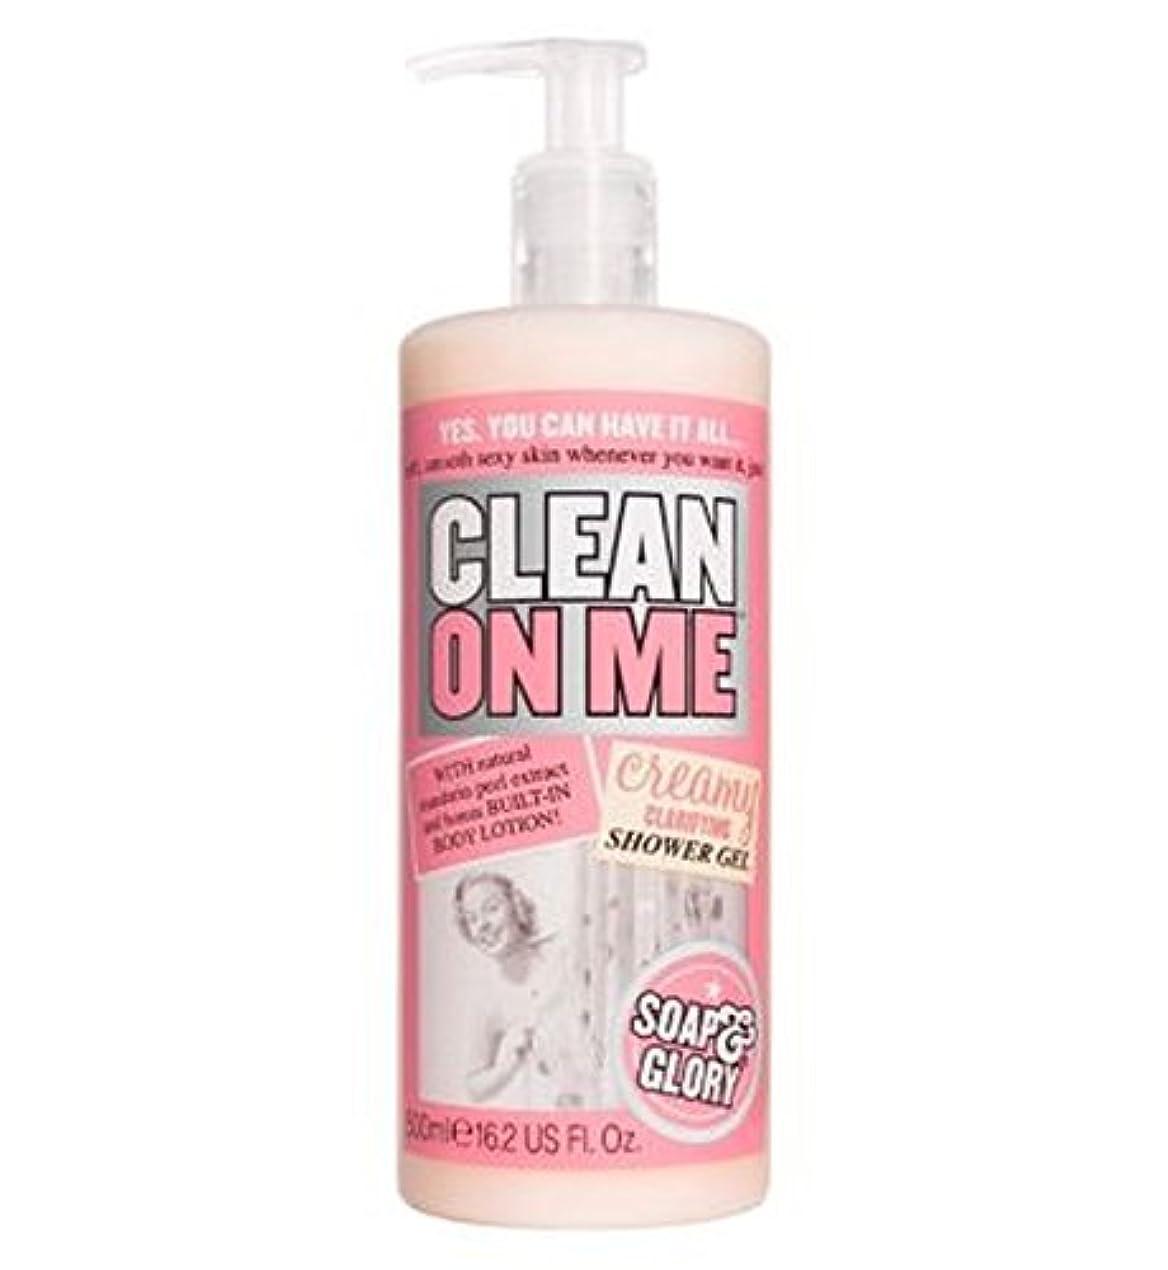 私にきれいな石鹸&栄光はシャワージェル500ミリリットルを明確にクリーミー (Soap & Glory) (x2) - Soap & Glory Clean On Me Creamy Clarifying Shower...